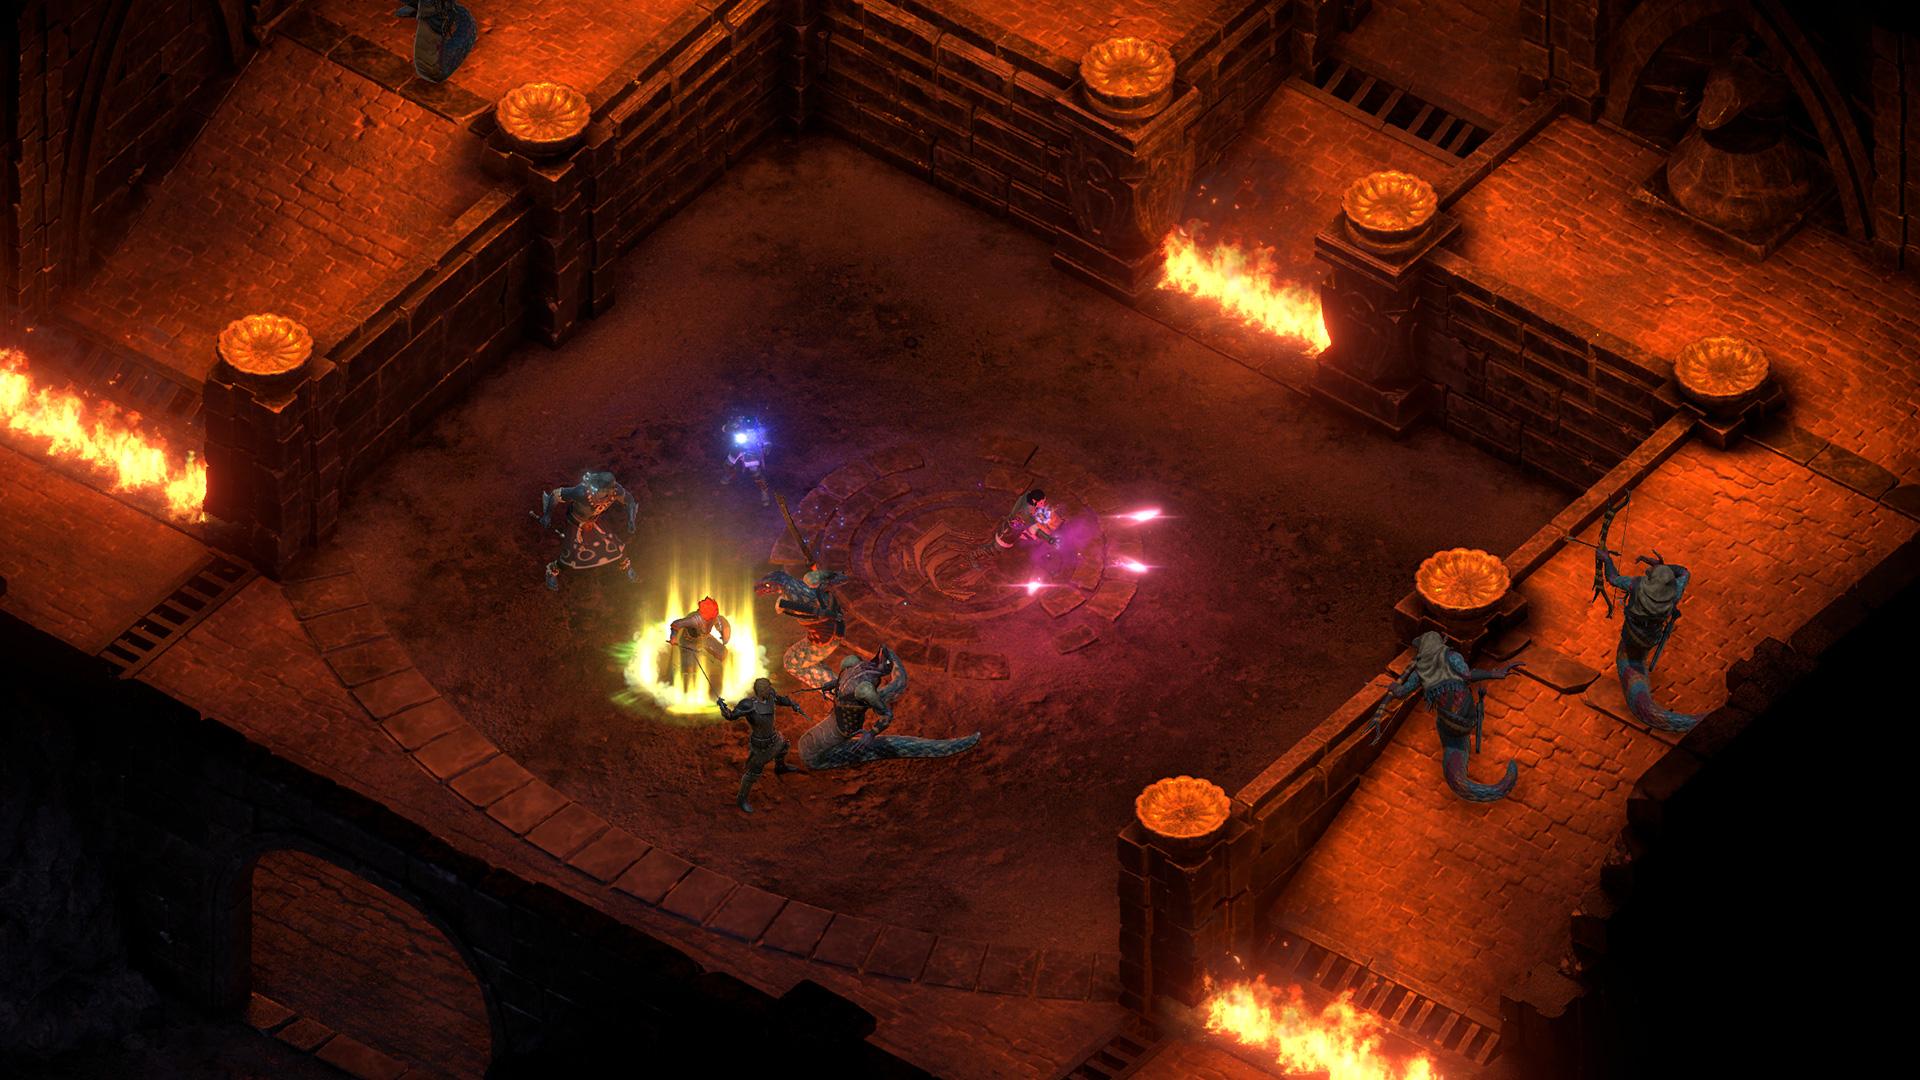 永恒之柱2死亡之火高清游戏截图 与神战斗